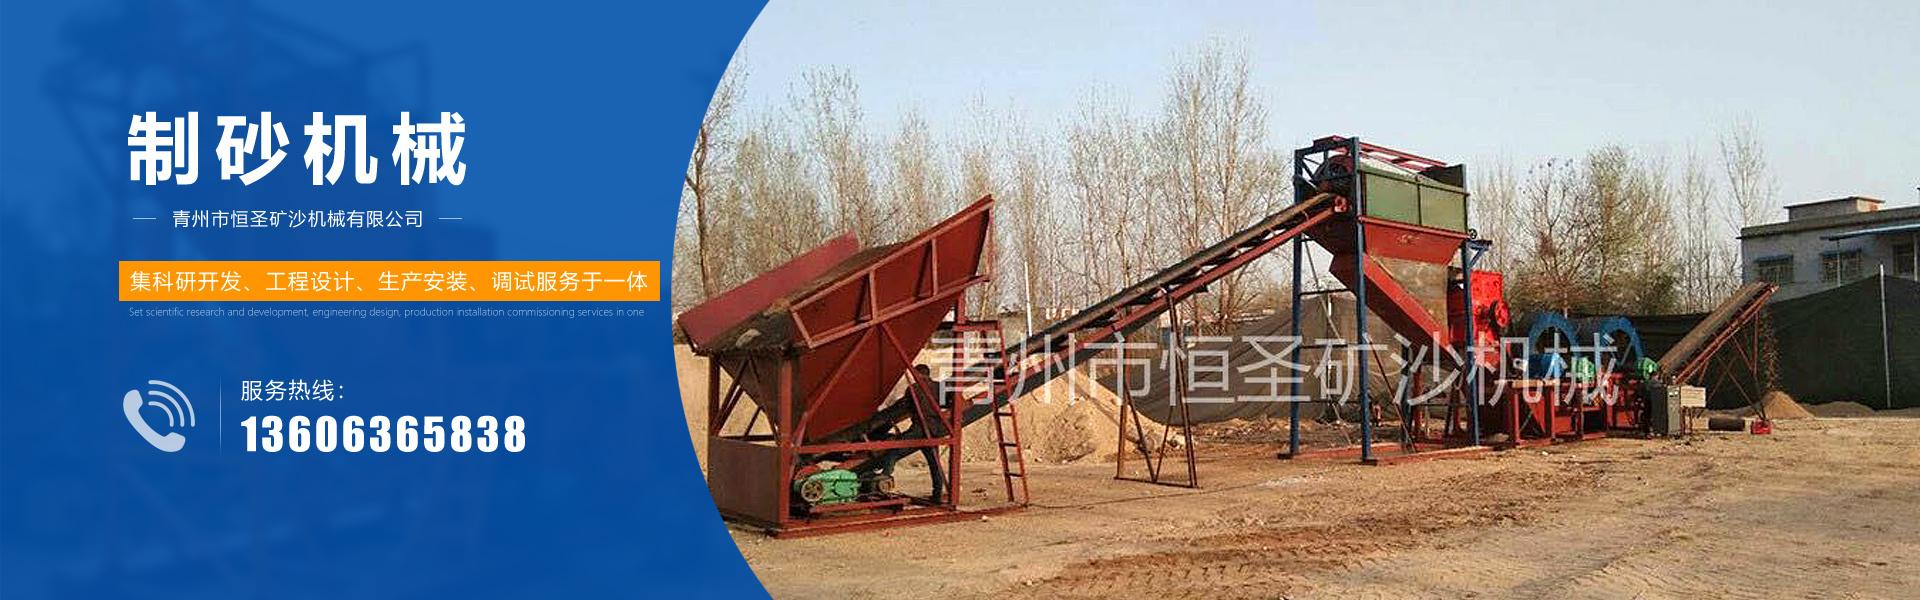 青州市恒圣矿沙机械有限公司